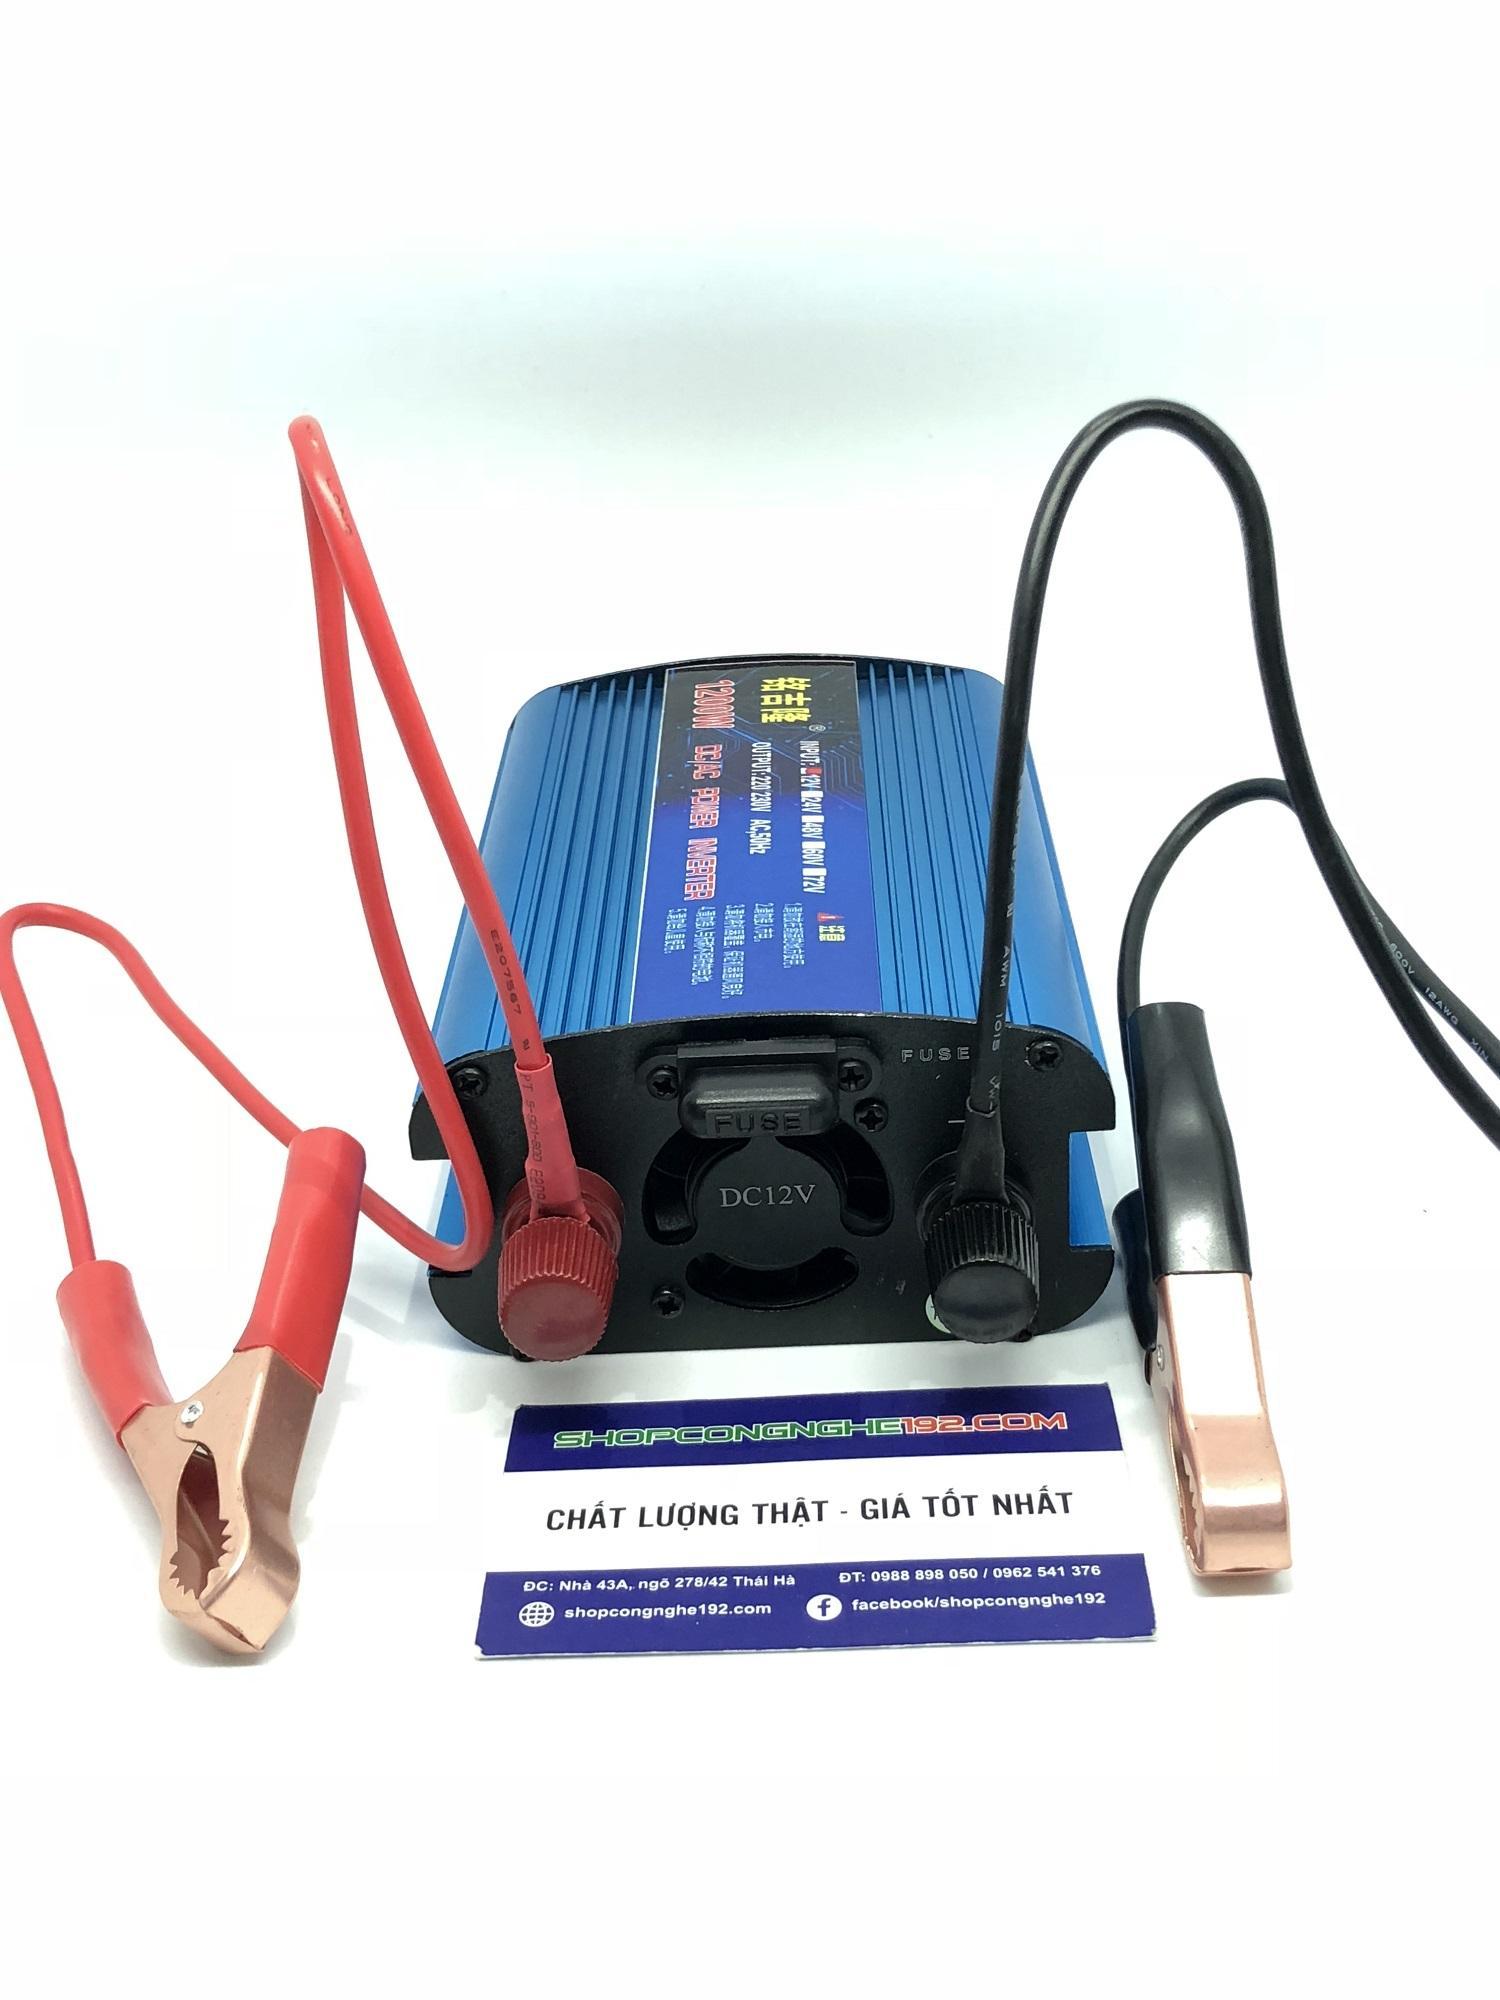 bộ chuyển đổi điện INVERTER 12v lên 220v 1200w loại tốt